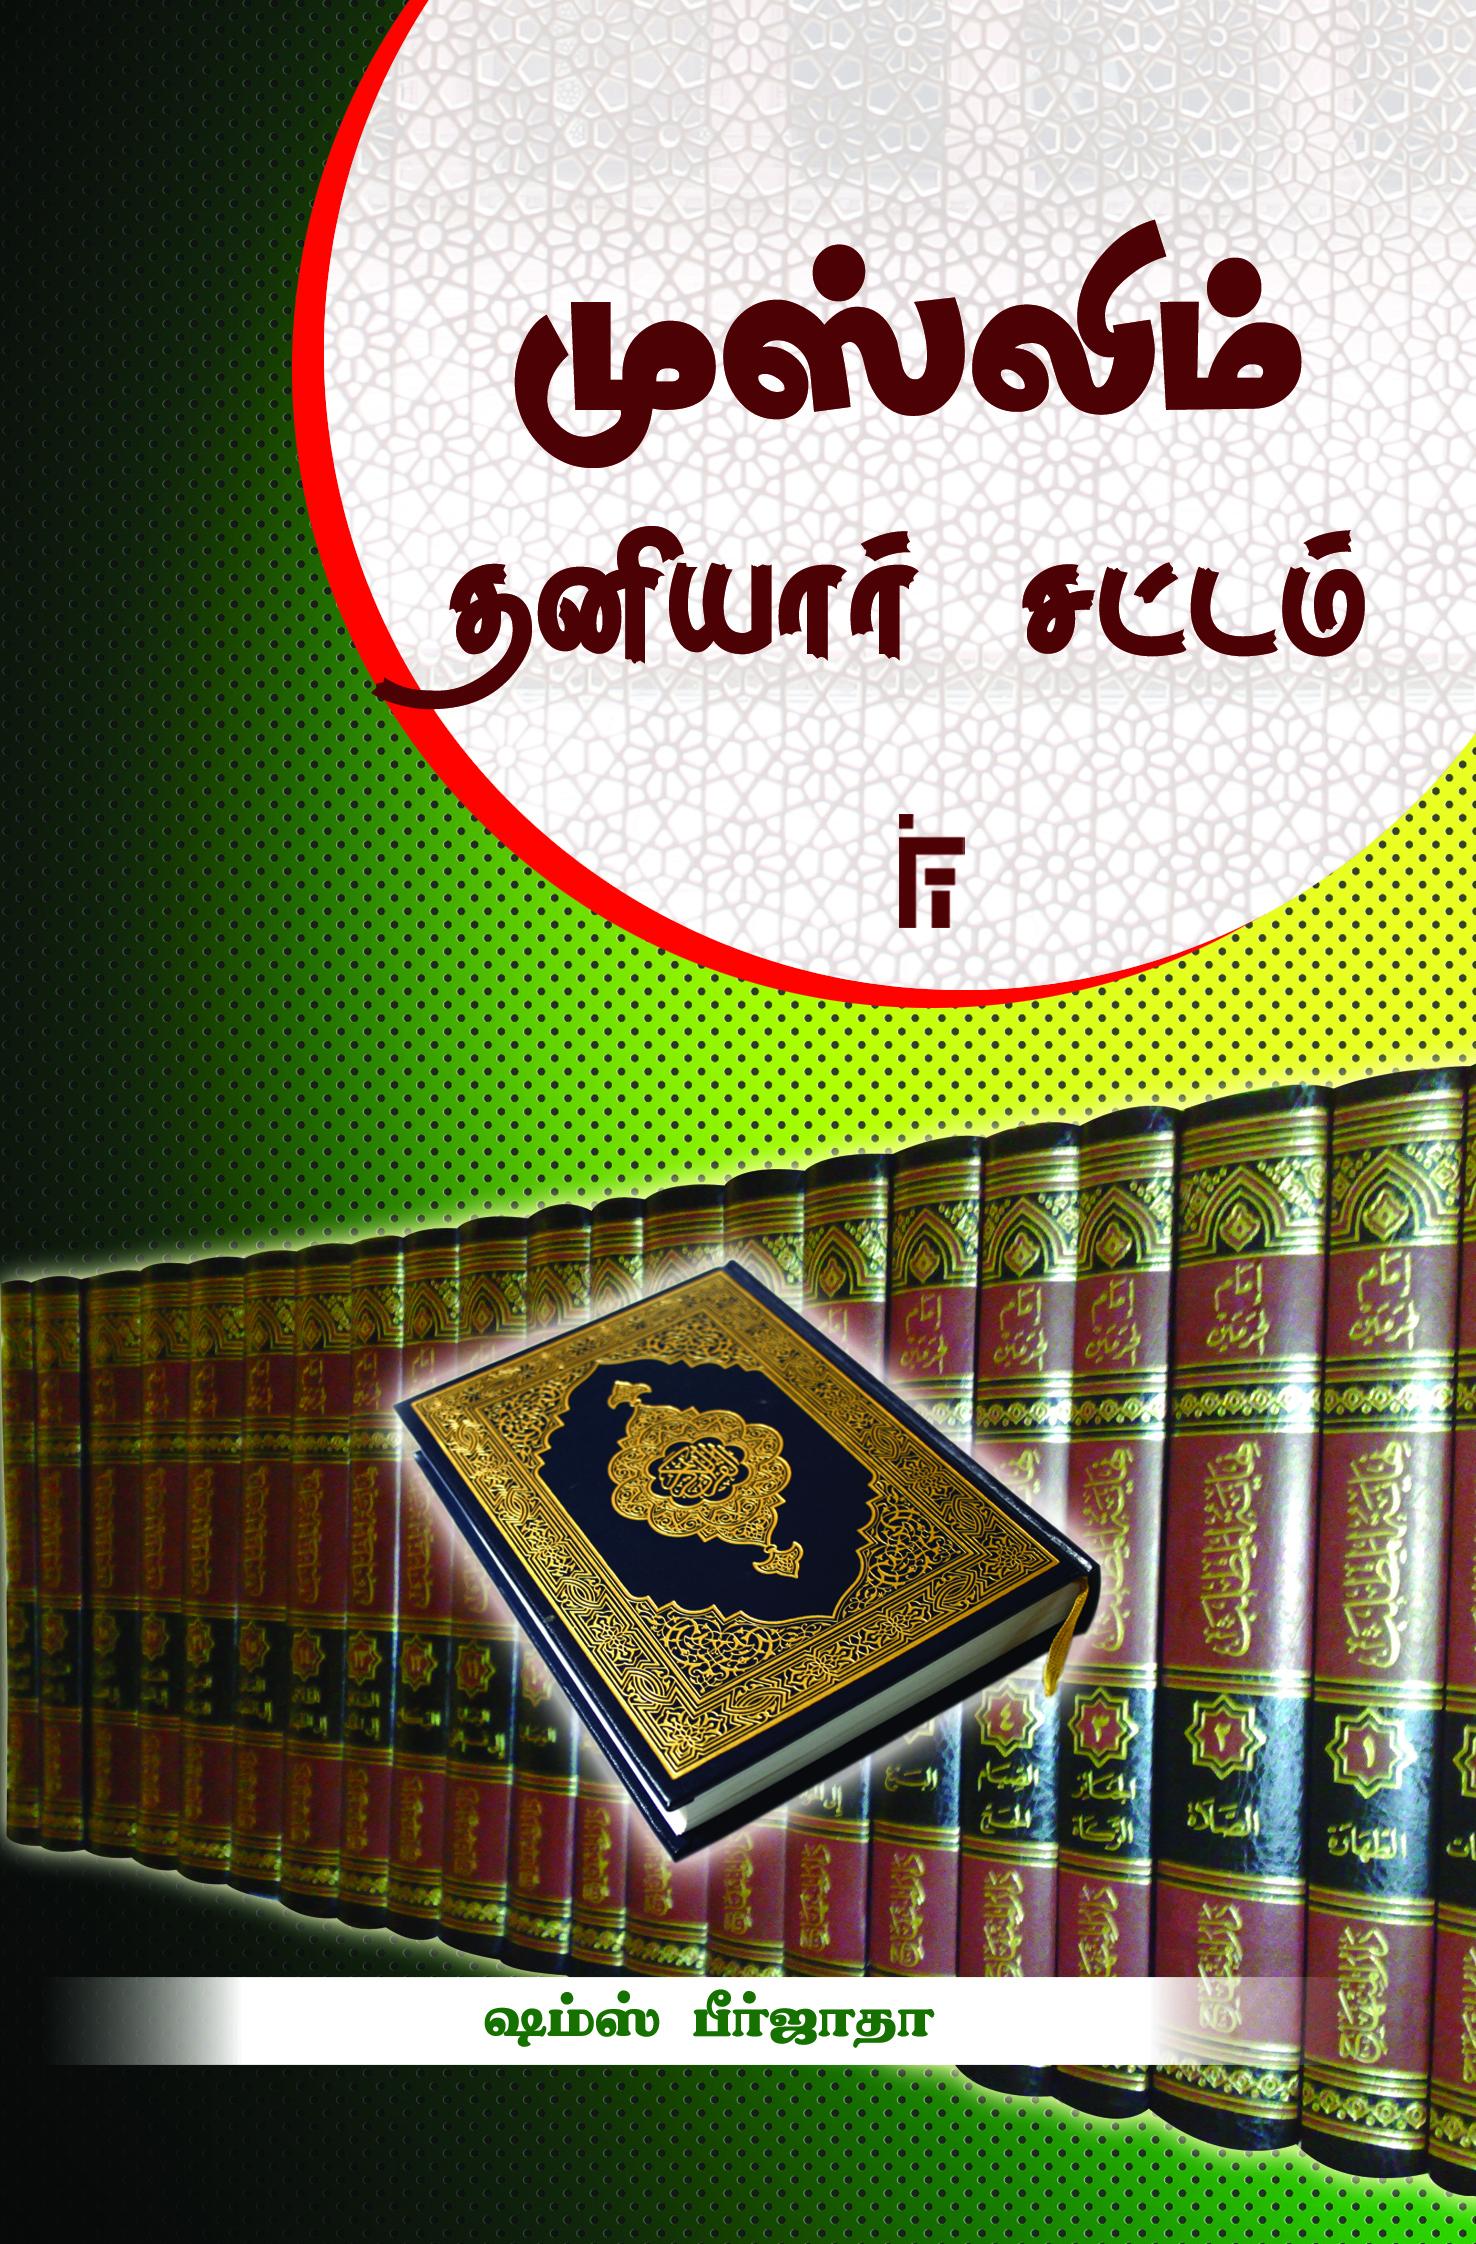 முஸ்லிம் தனியார் சட்டம்-Muslim thaniyar chattam